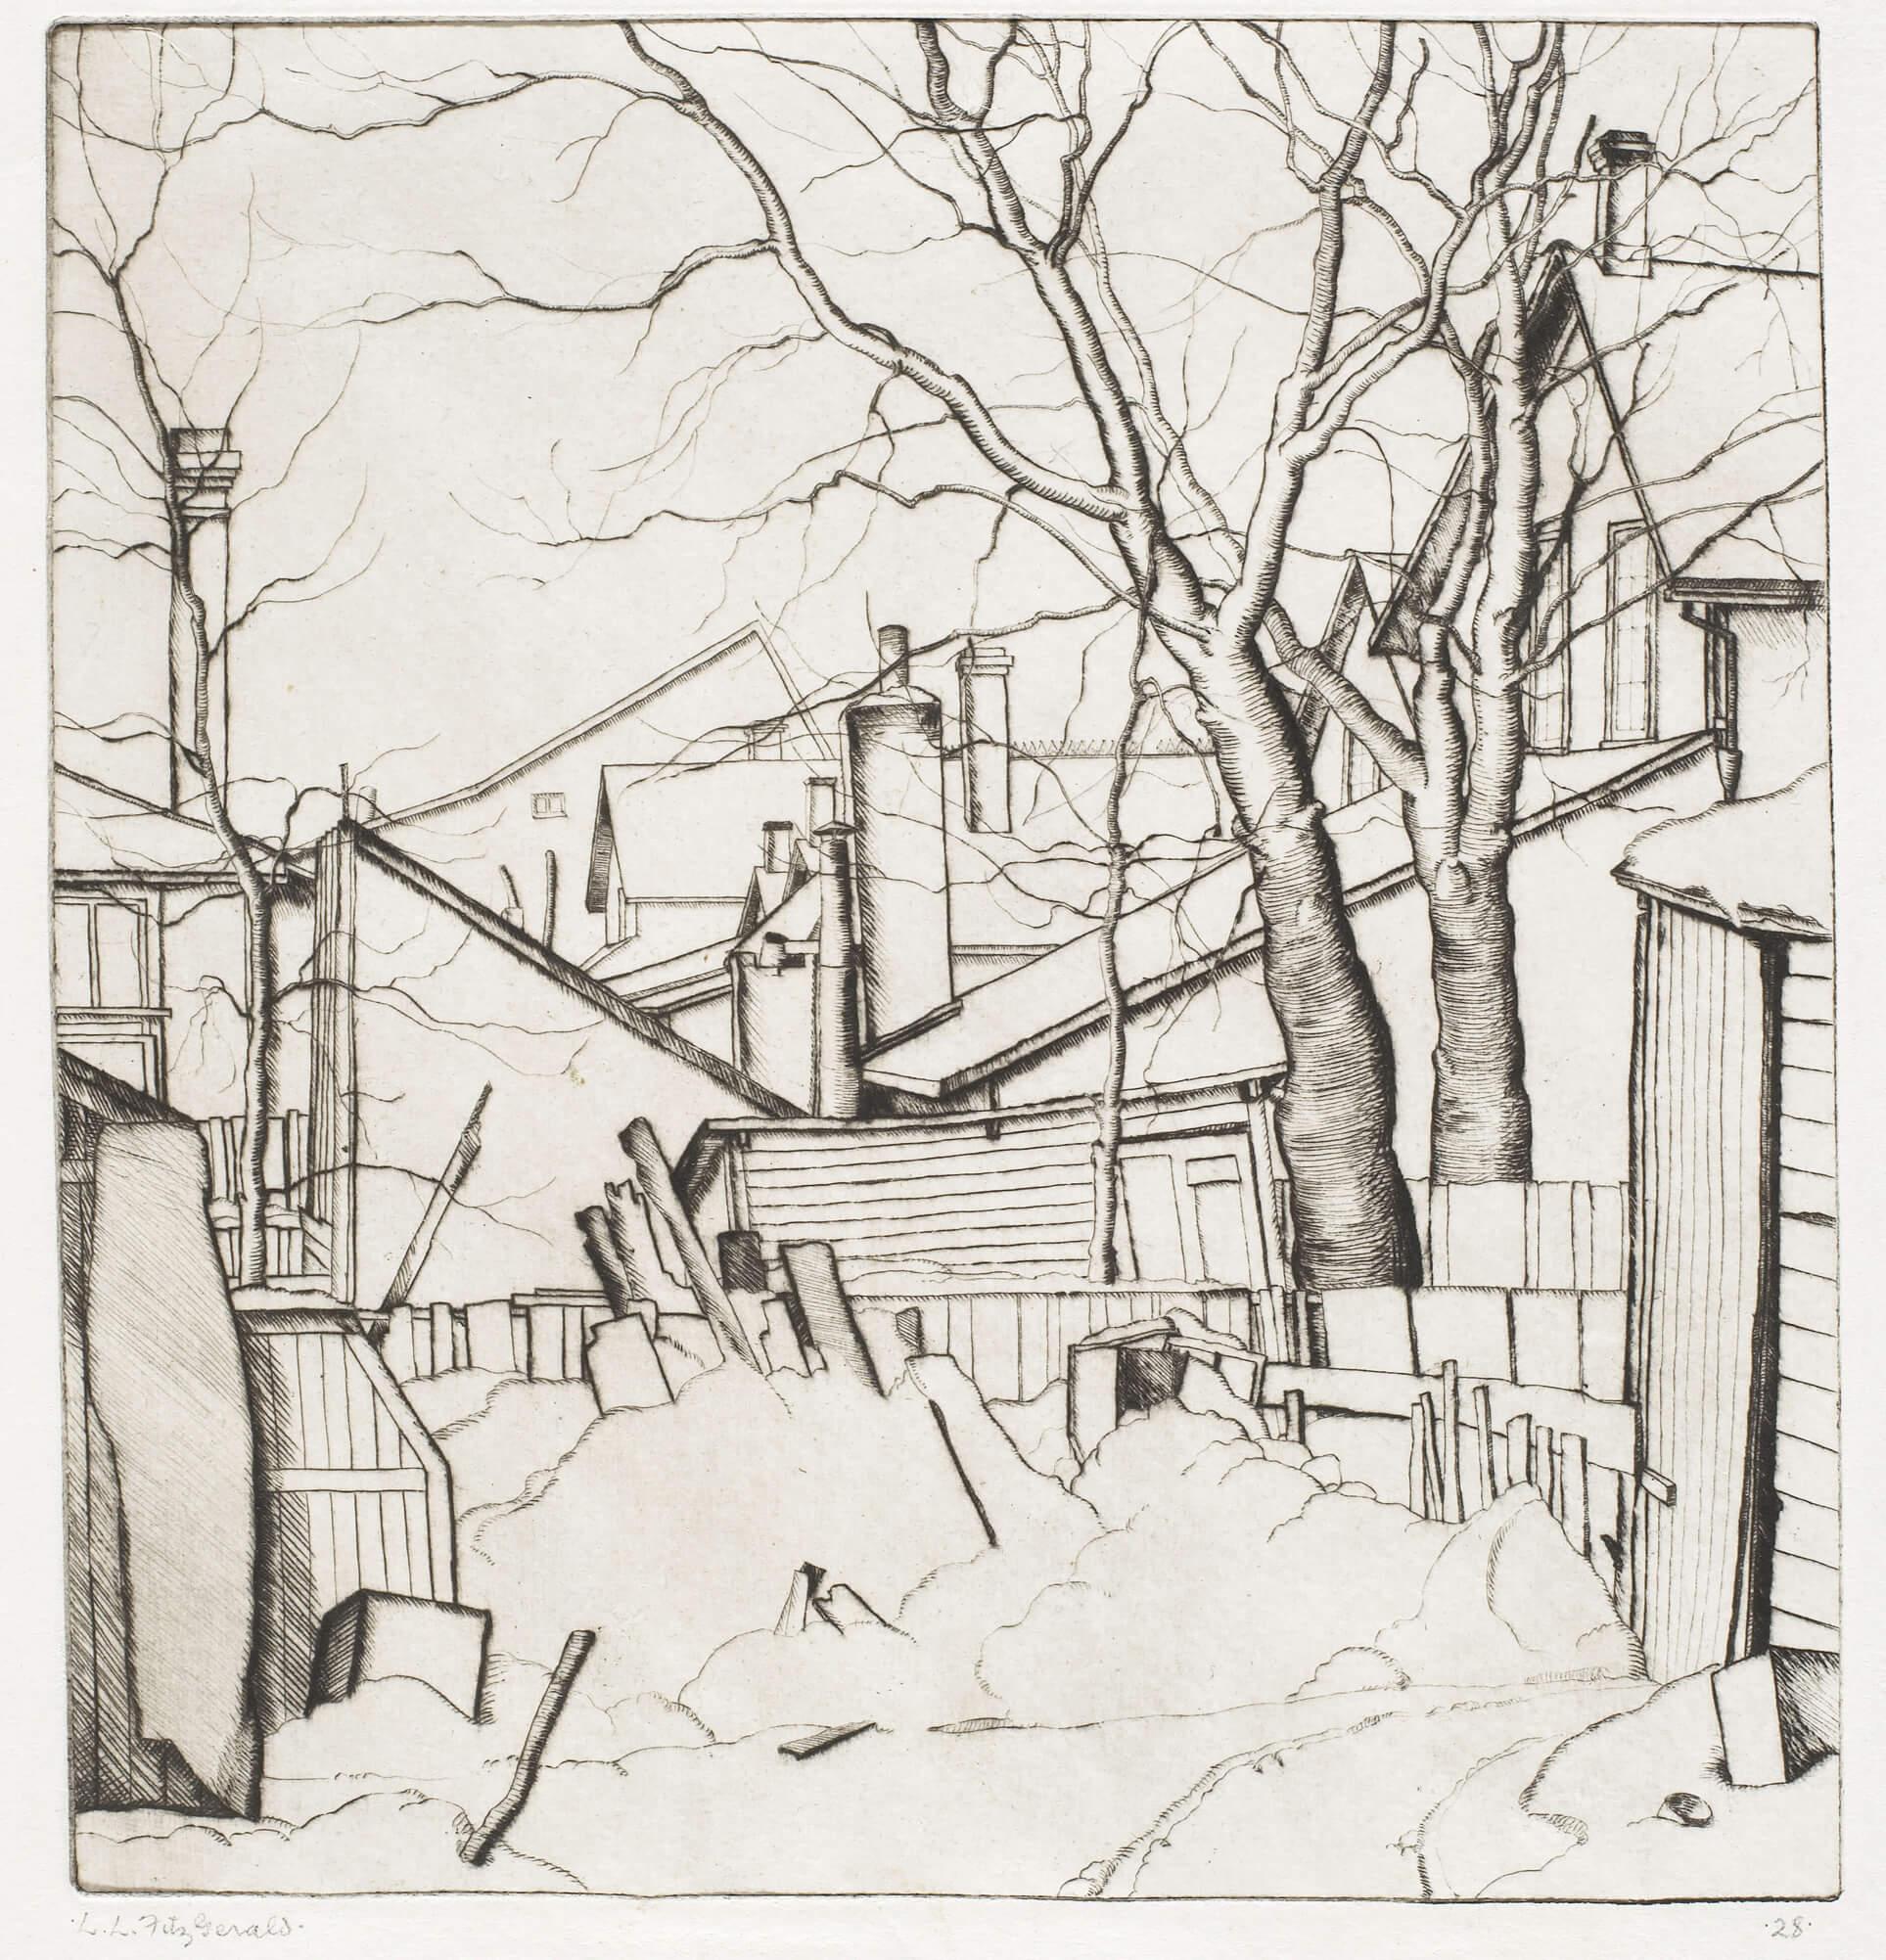 Lionel LeMoine FitzGerald, Cours arrières, rue Water, 1927